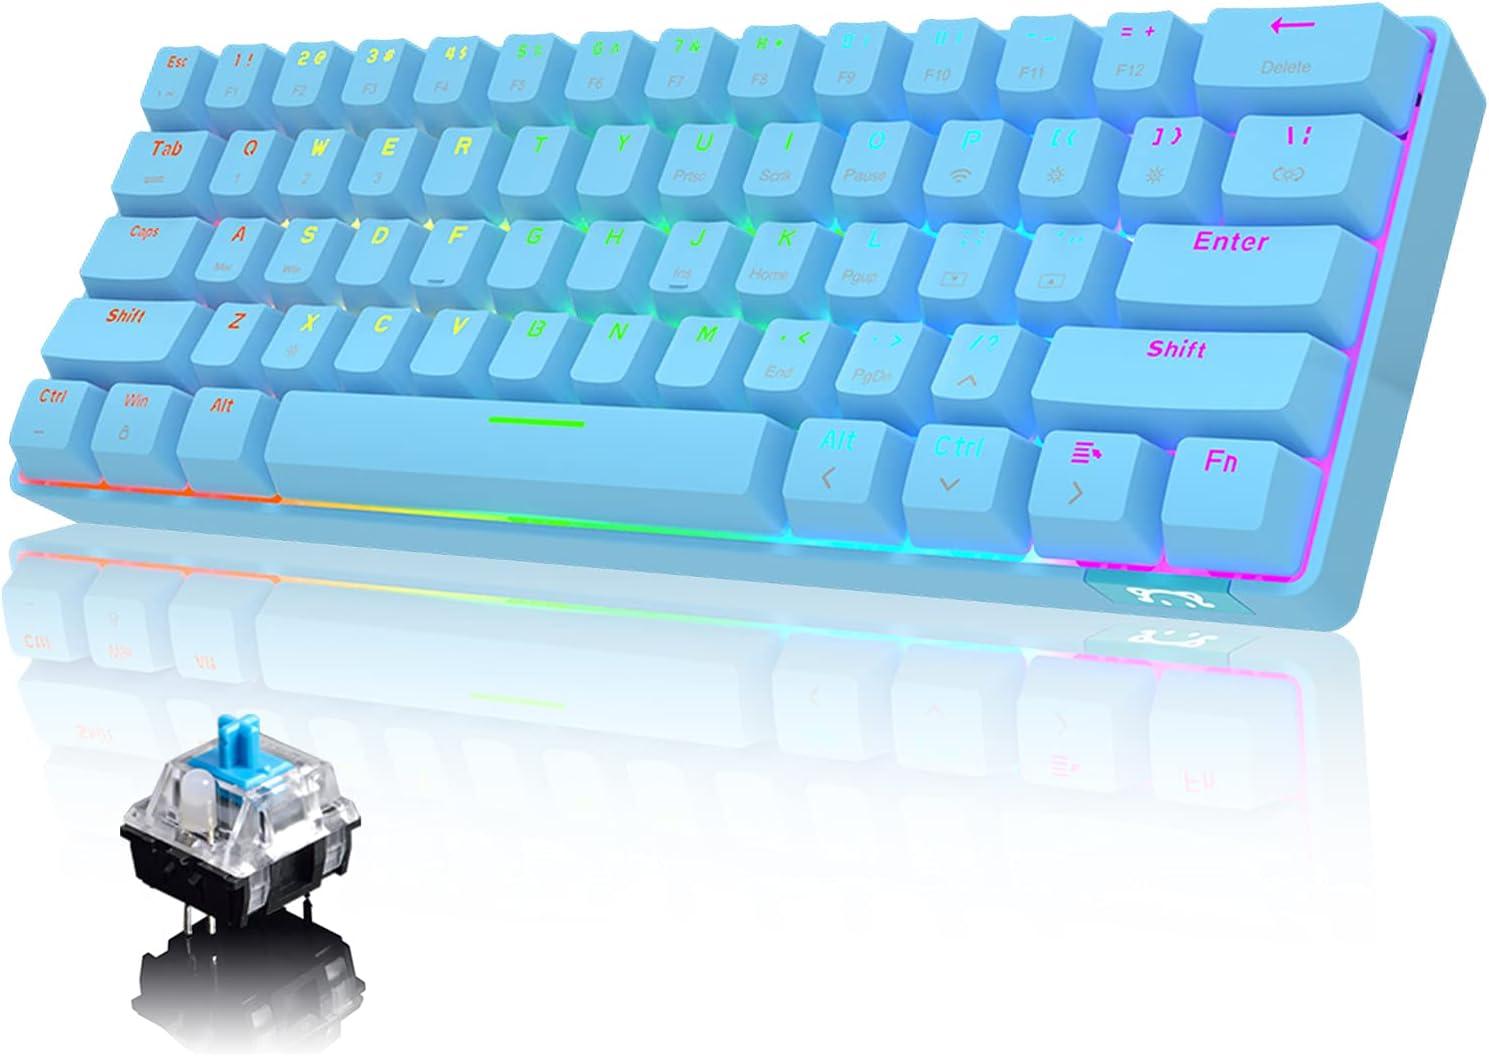 60% Teclado mecánico Cableado / inalámbrico Bluetooth 5.0 Teclado de modo dual 61 teclas RGB Rainbow LED Retroiluminado USB Type-C Teclado para juegos a prueba de agua Teclas anti-fantasma (Azul)